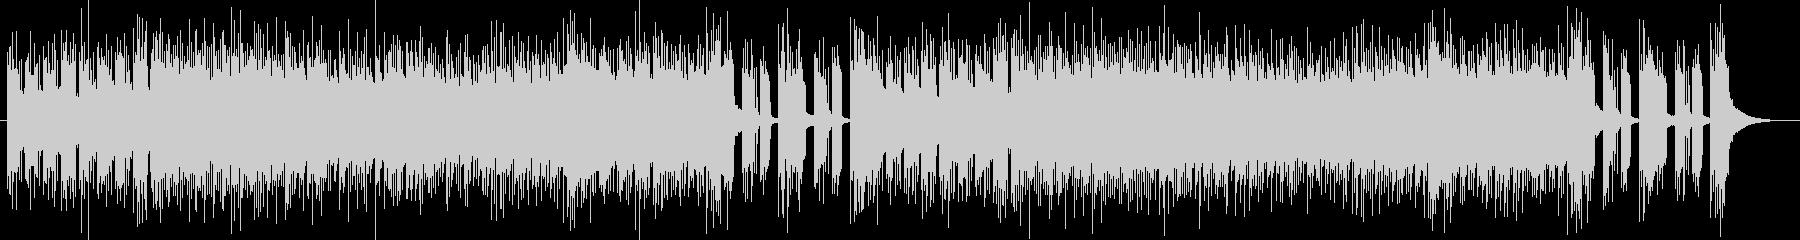 「Heavy/DARK」BGM5の未再生の波形